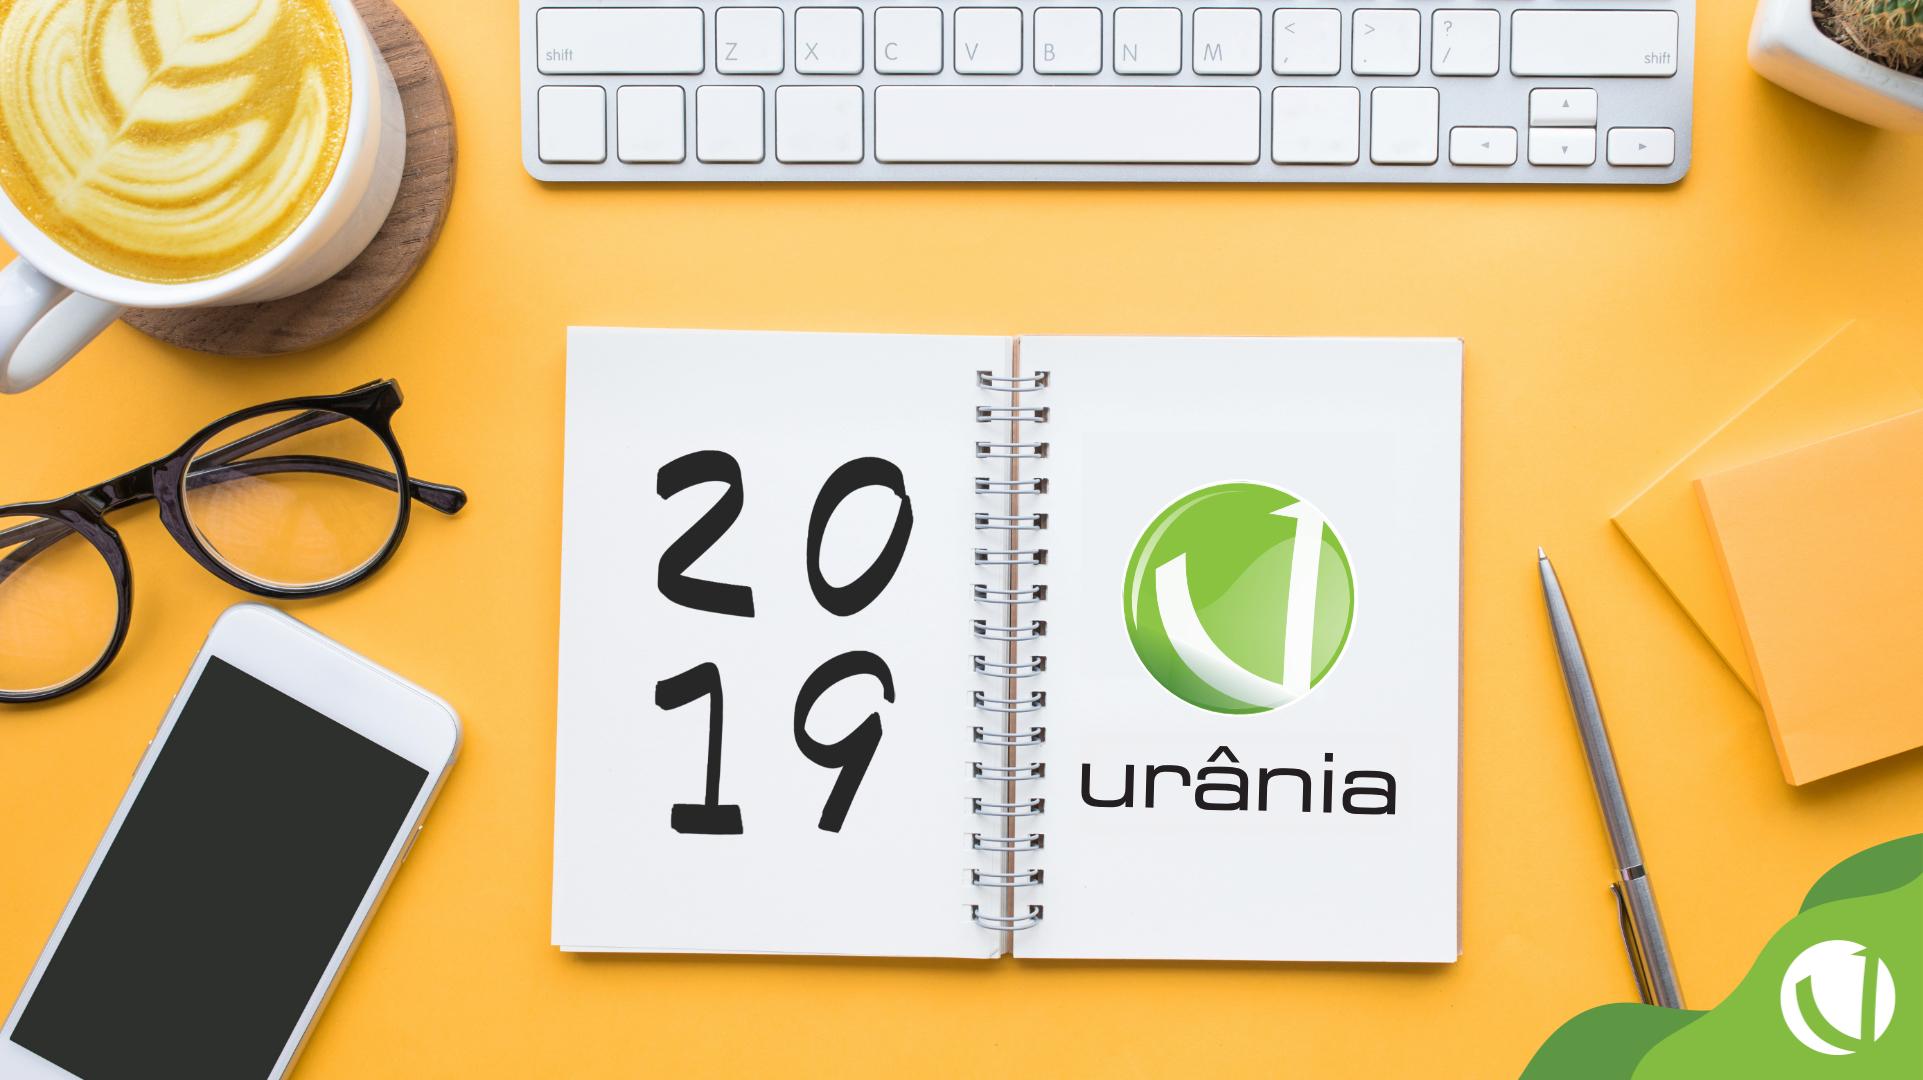 novidades-do-urania-2019